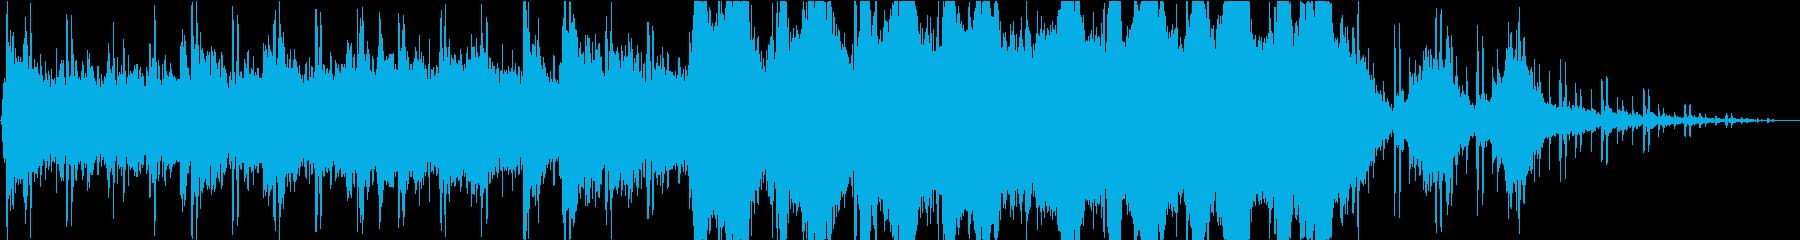 不思議/SF/宇宙/語り/ナレーションの再生済みの波形